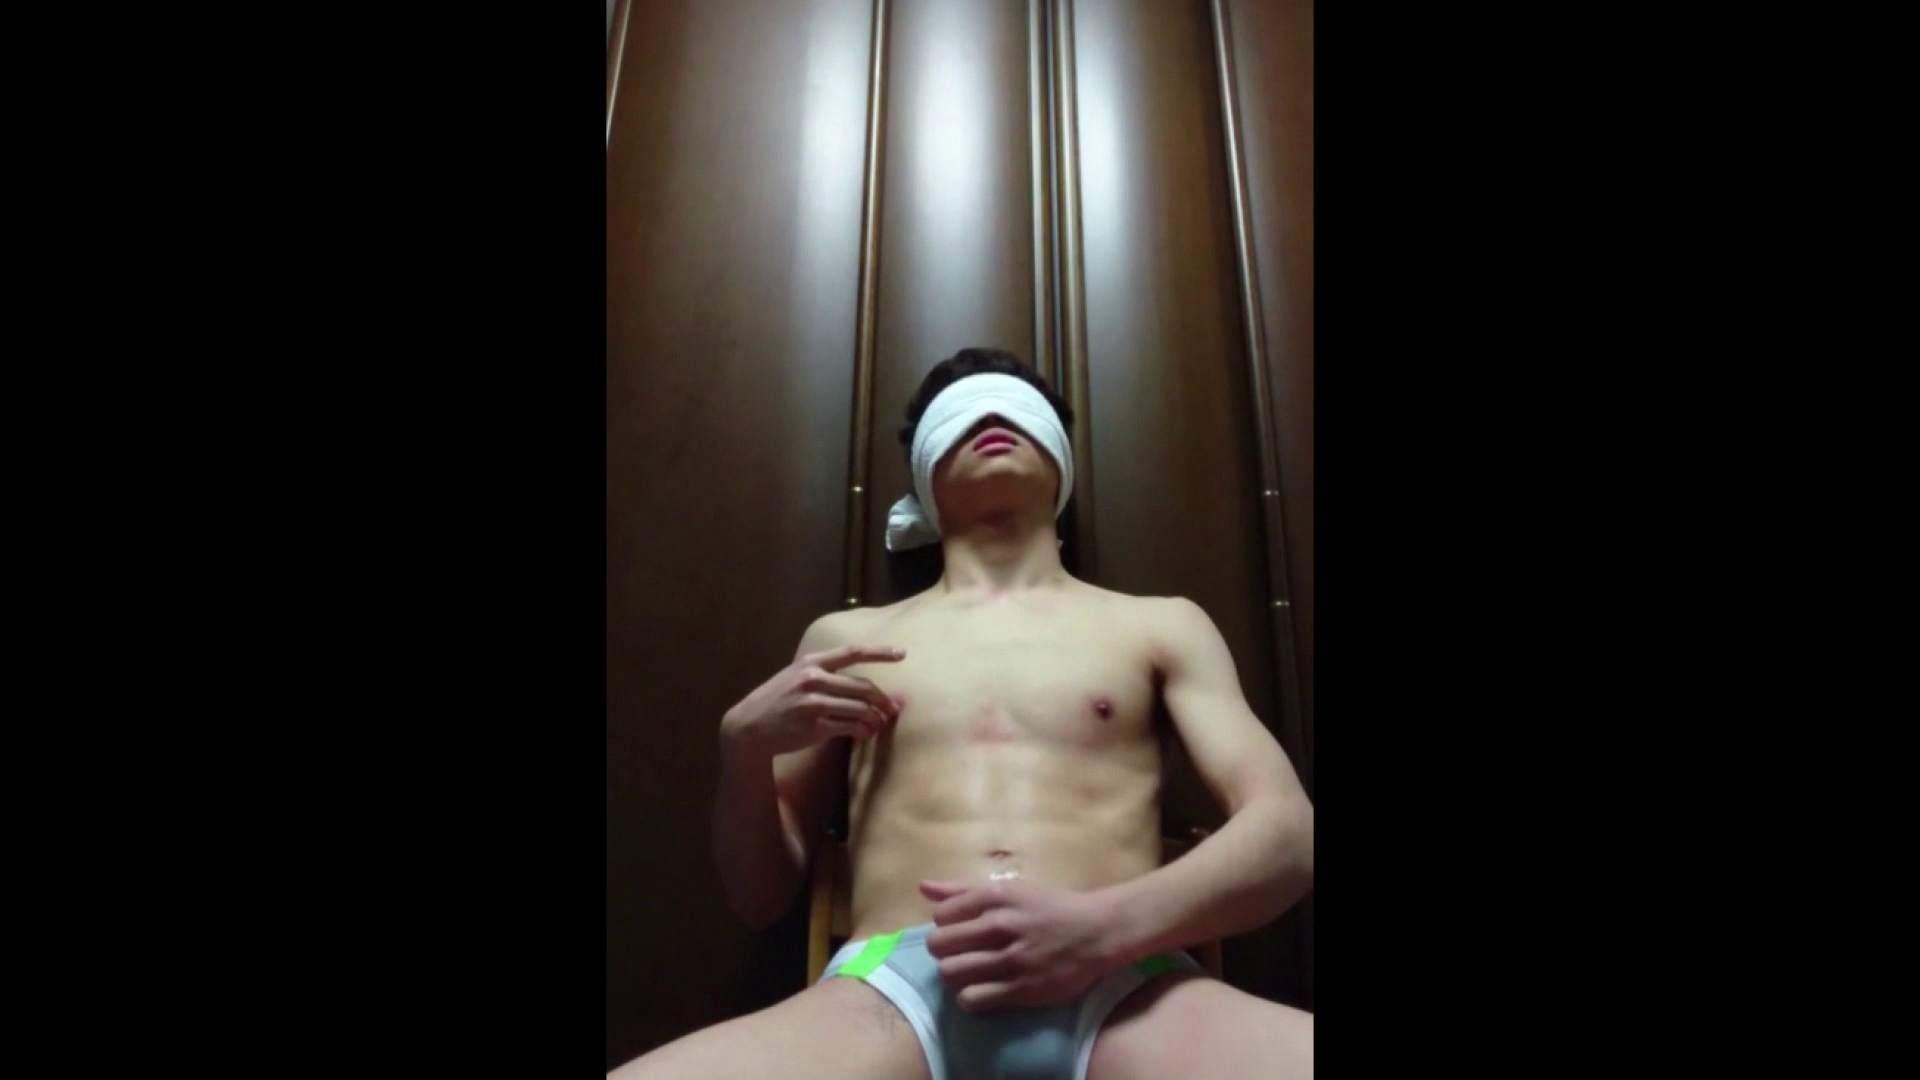 個人撮影 自慰の極意 Vol.21 ゲイのオナニー映像 ゲイセックス画像 107枚 22